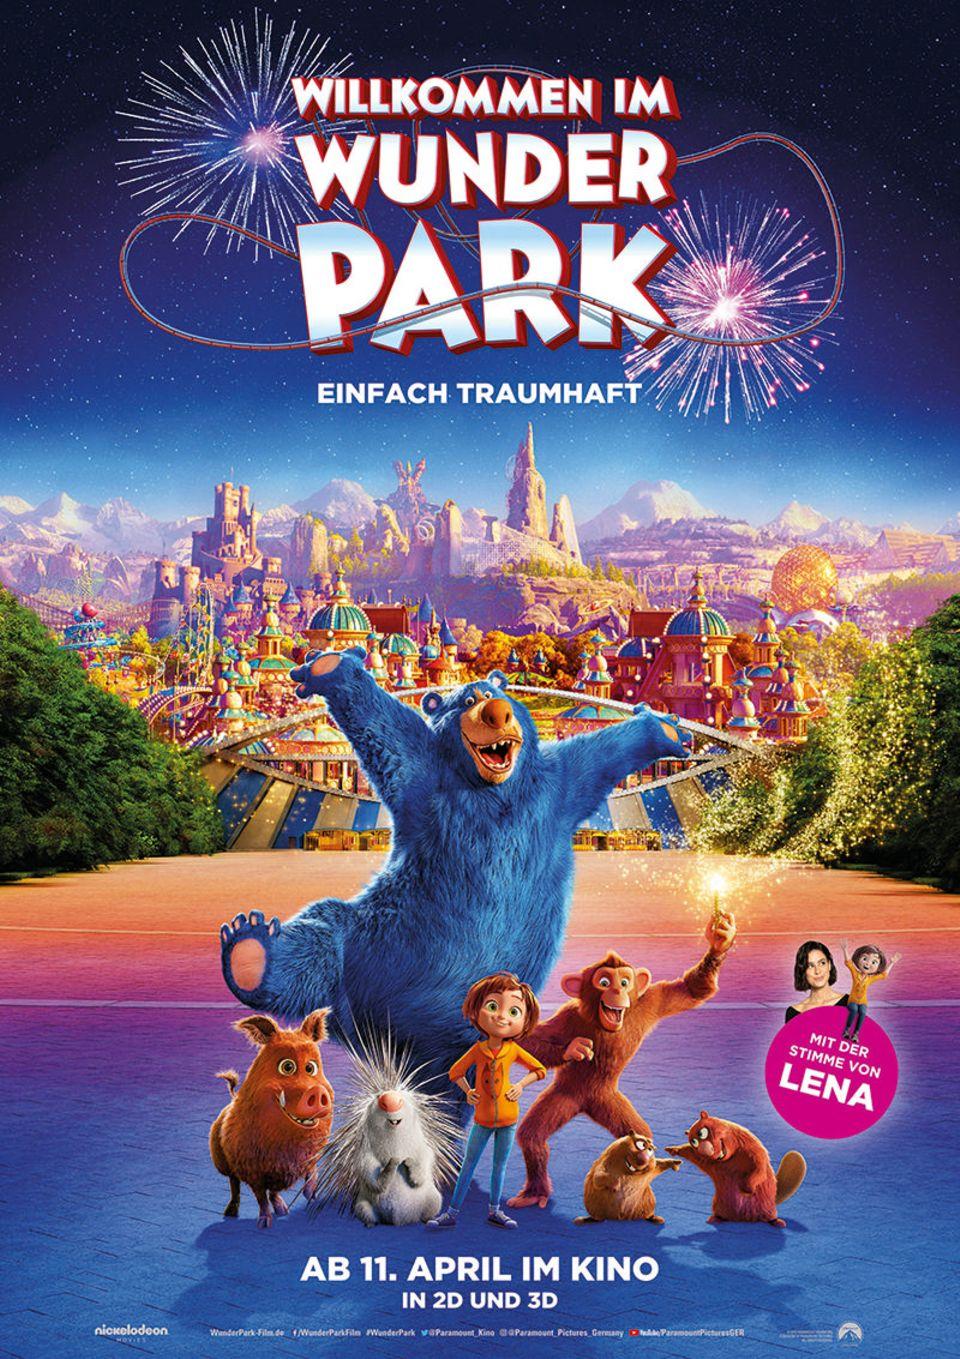 Kinotipp: Willkommen im Wunder Park!